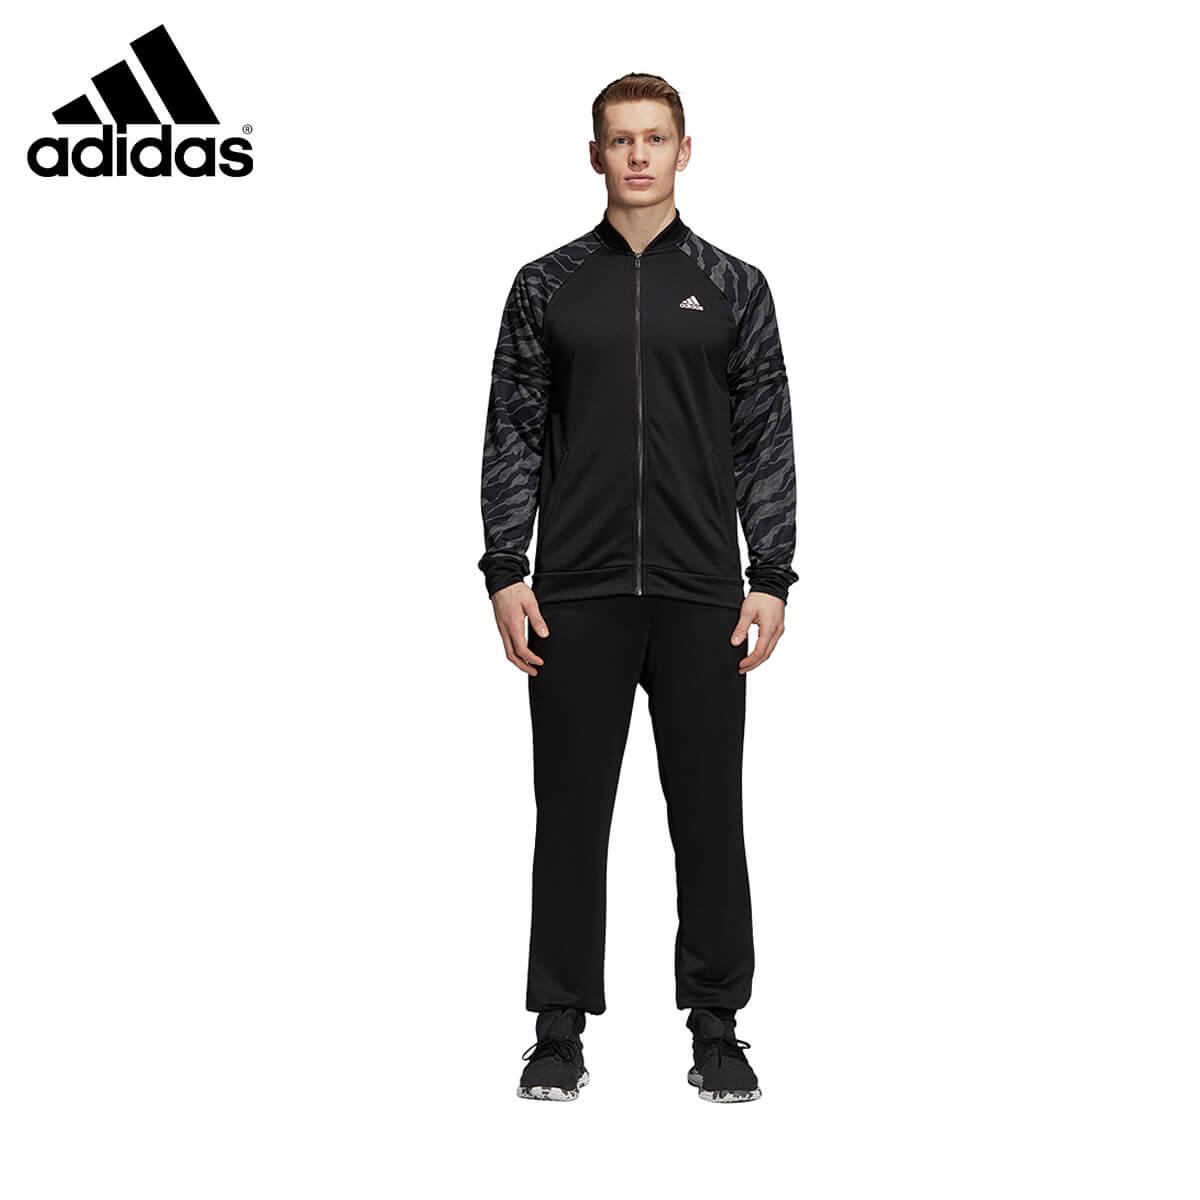 adidas CY2298 トラックスーツ MTS ジャージ上下セット ブラック バドミントンウェア アディダス 2018FW【取り寄せ】